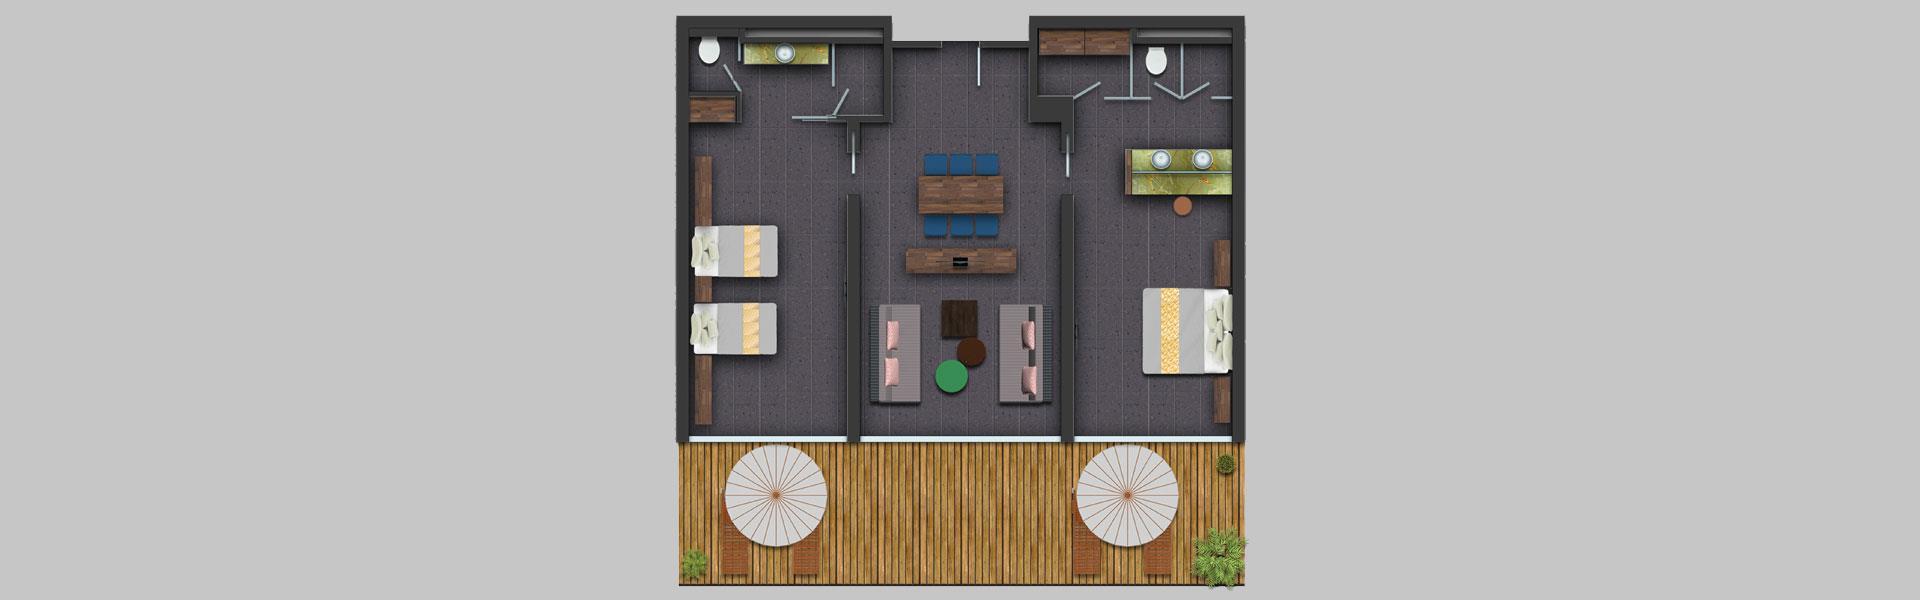 Royal Residence Aile Süiti Oda Planı